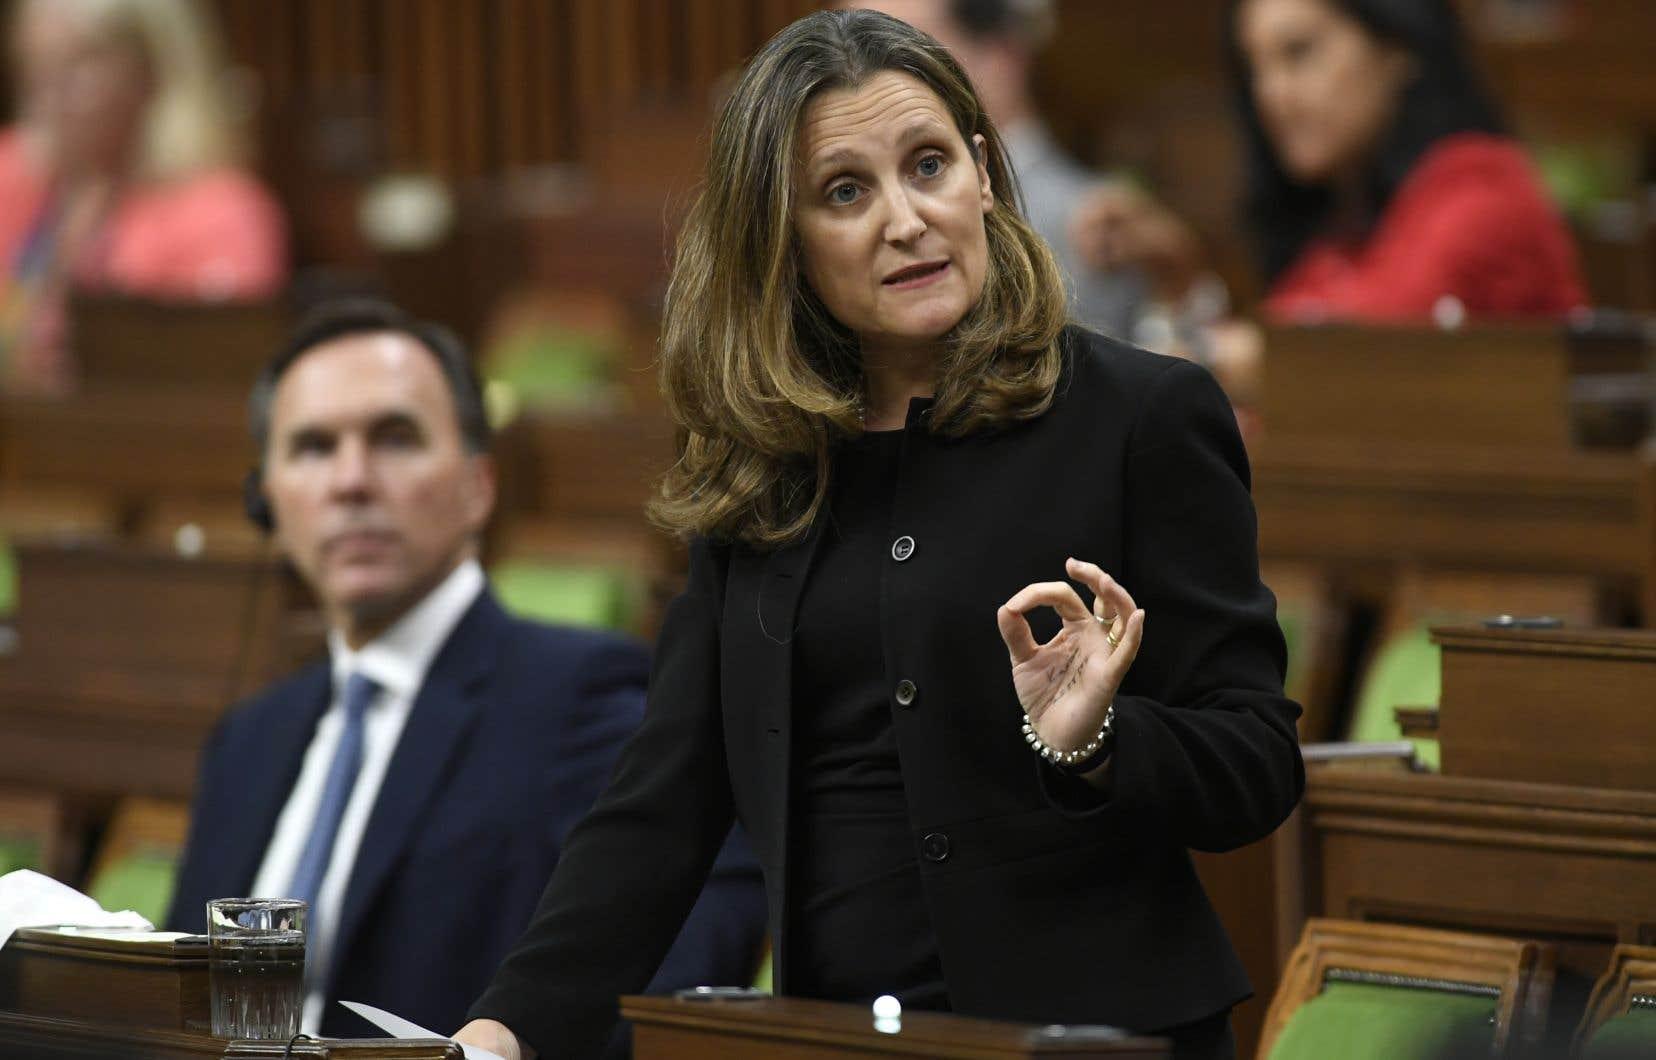 Justin Trudeau ne s'est pas présenté à la Chambre des communes, il a laissé sa place à Chrystia Freeland.